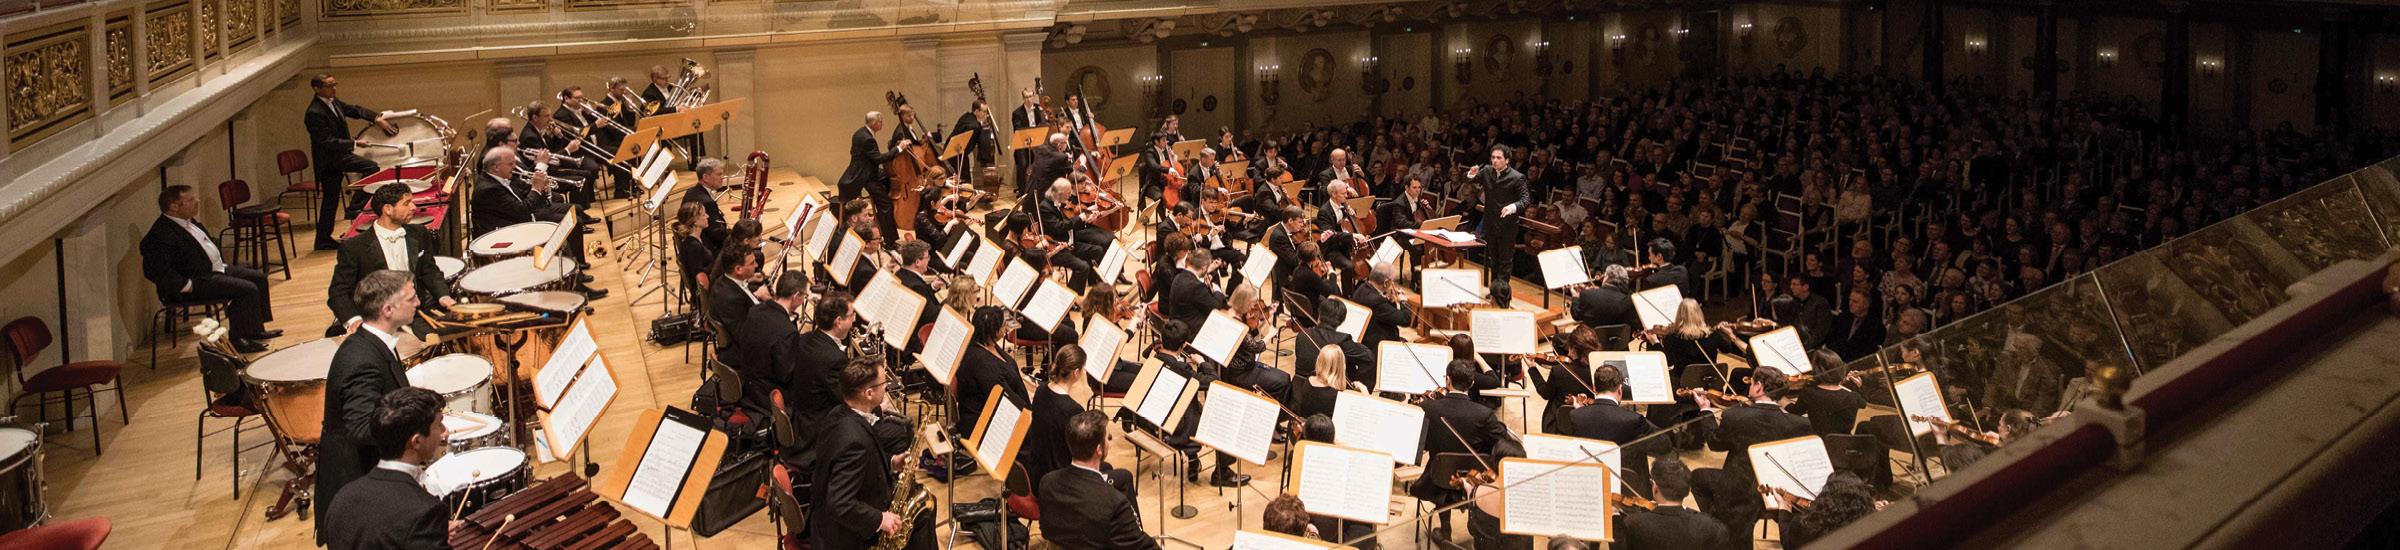 Houston Symphony European Tour TV Special ABC 13 KTRK